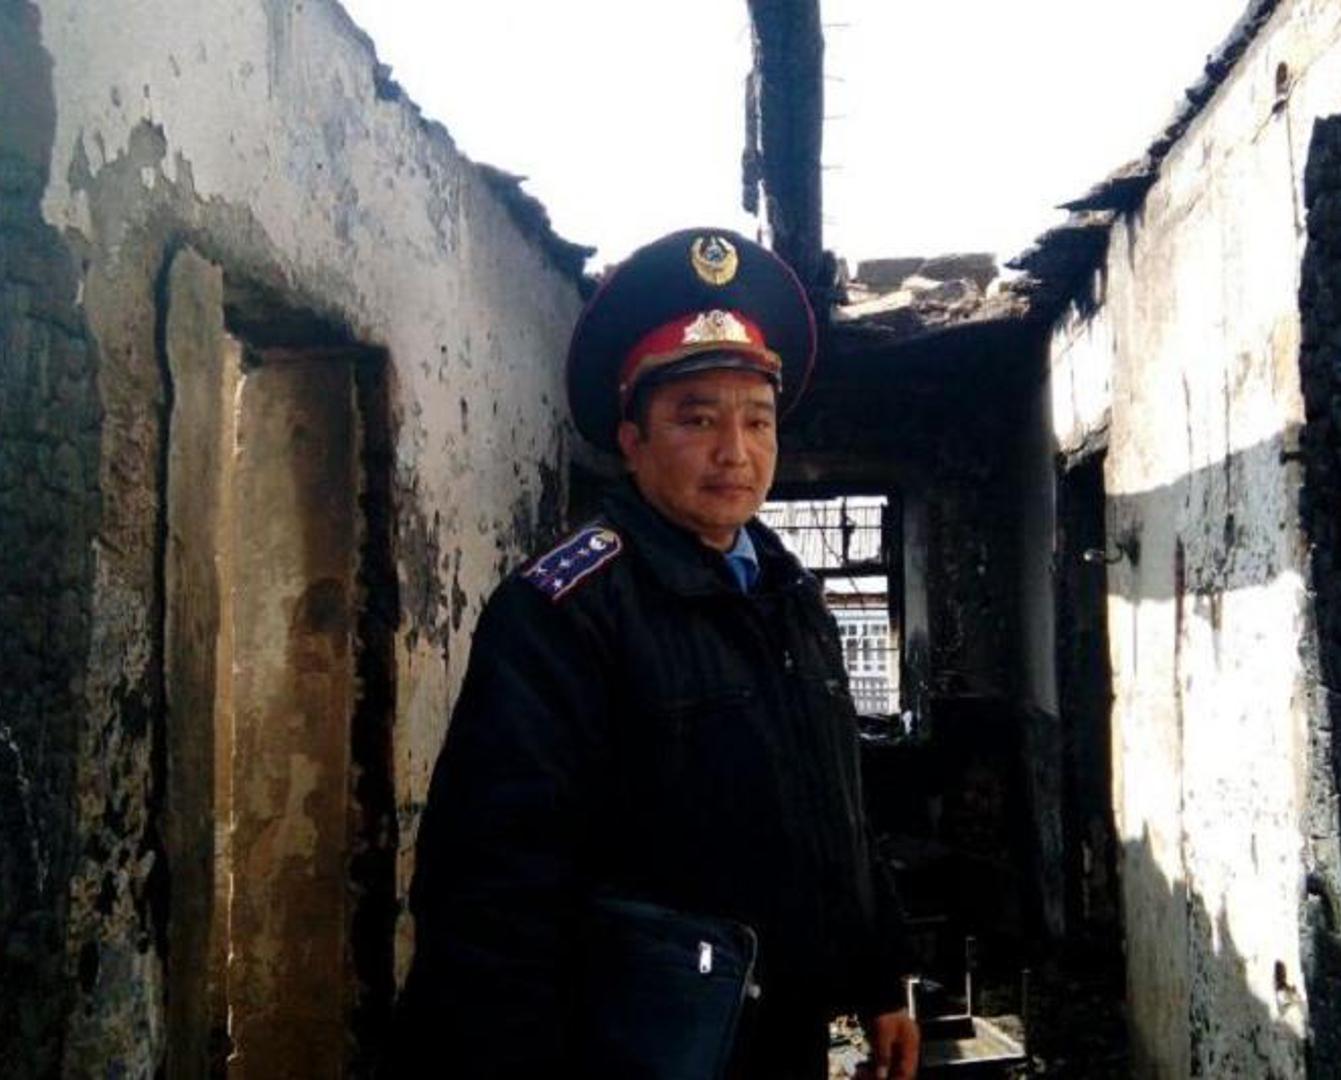 Троих сельчан спас при пожаре павлодарский полицейский